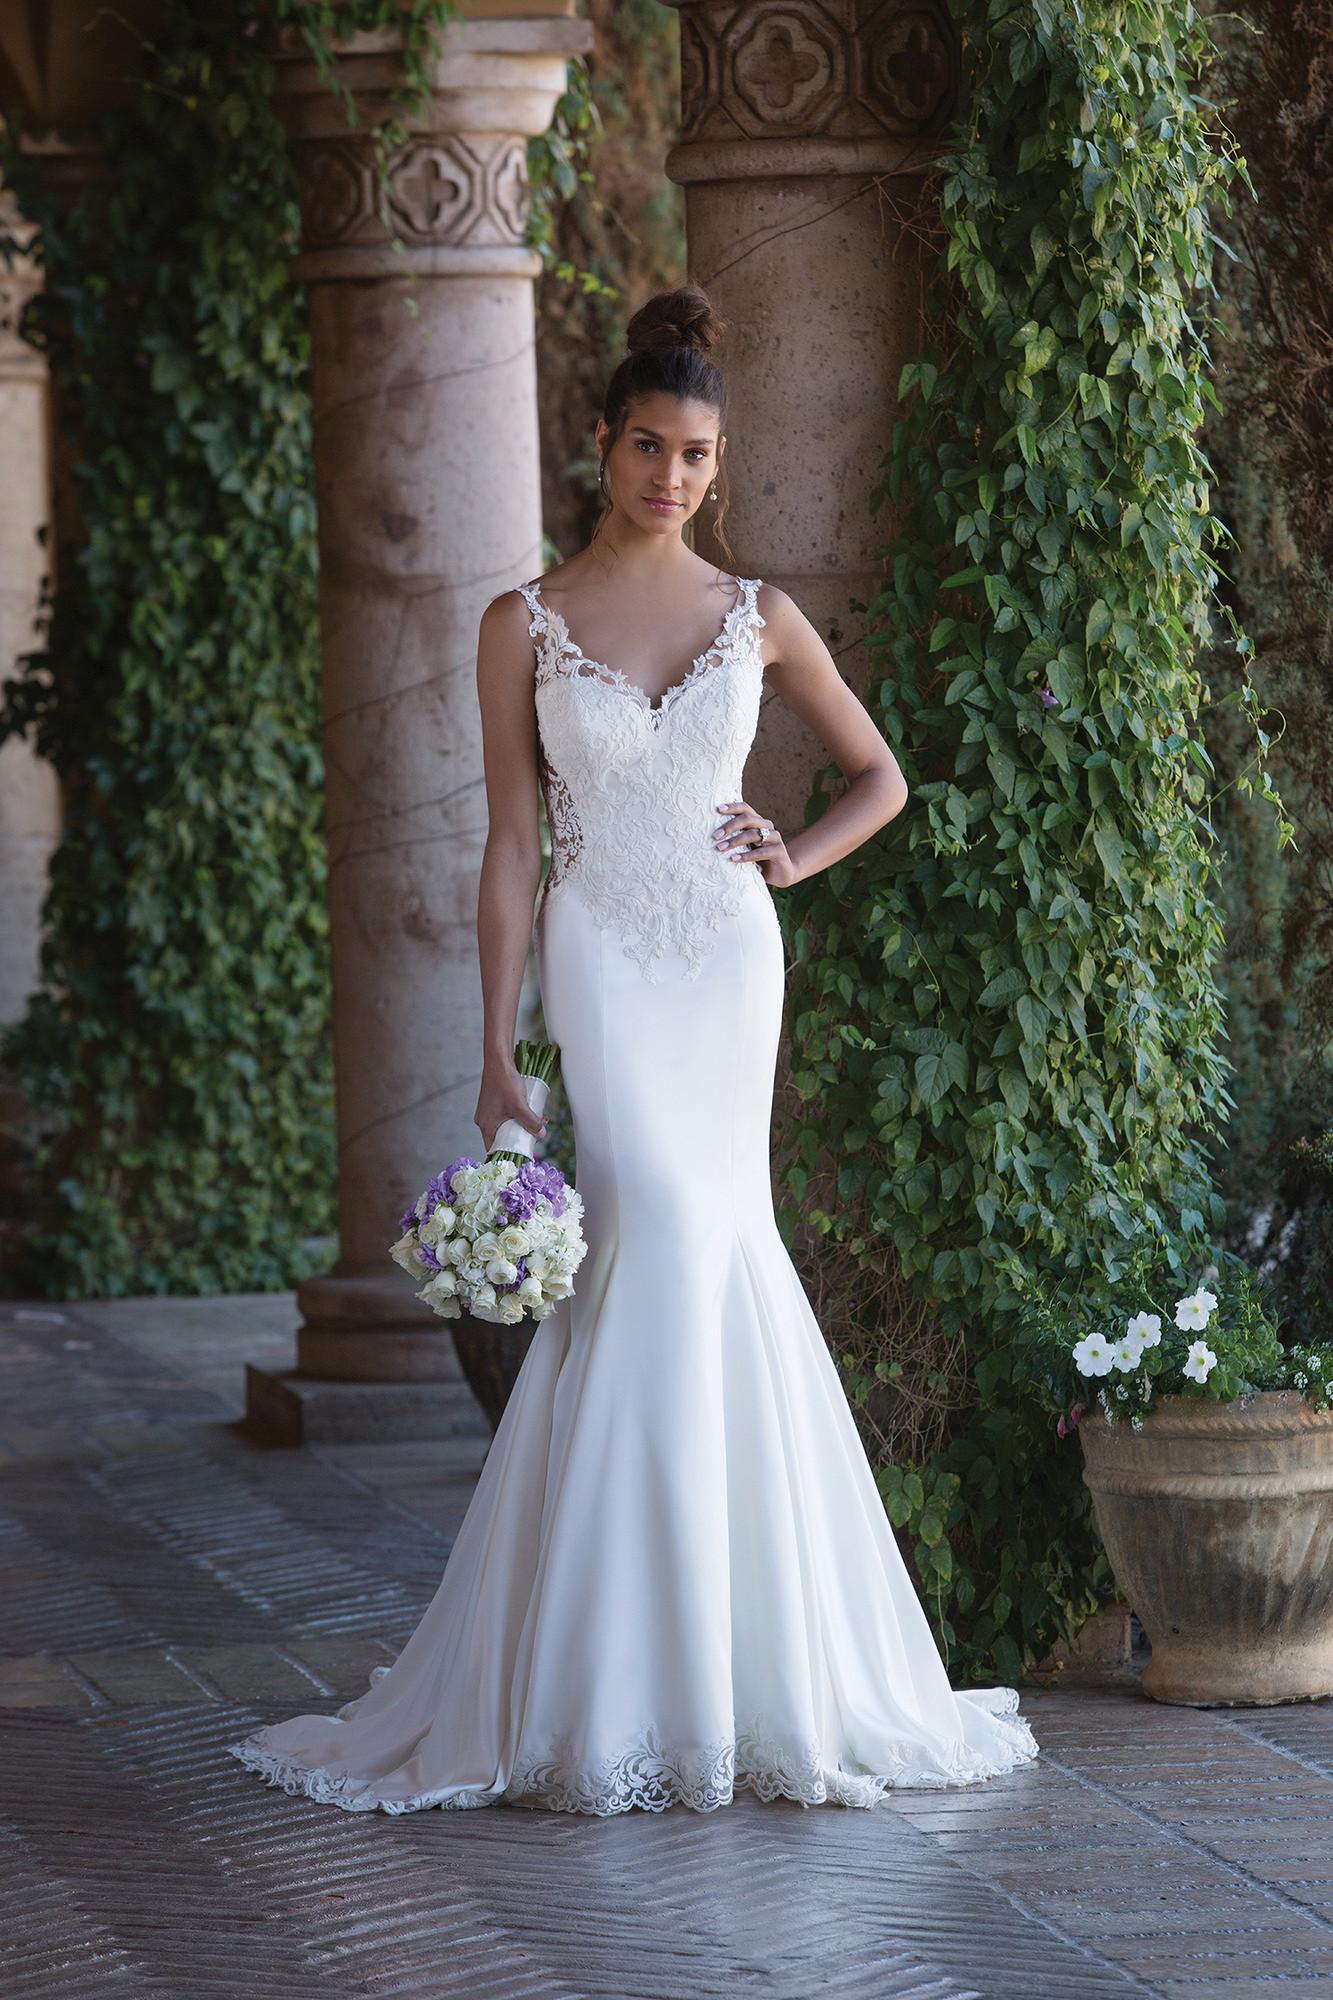 Wedding Dresses By Sincerity Bridal 4015 Weddingwire Ca